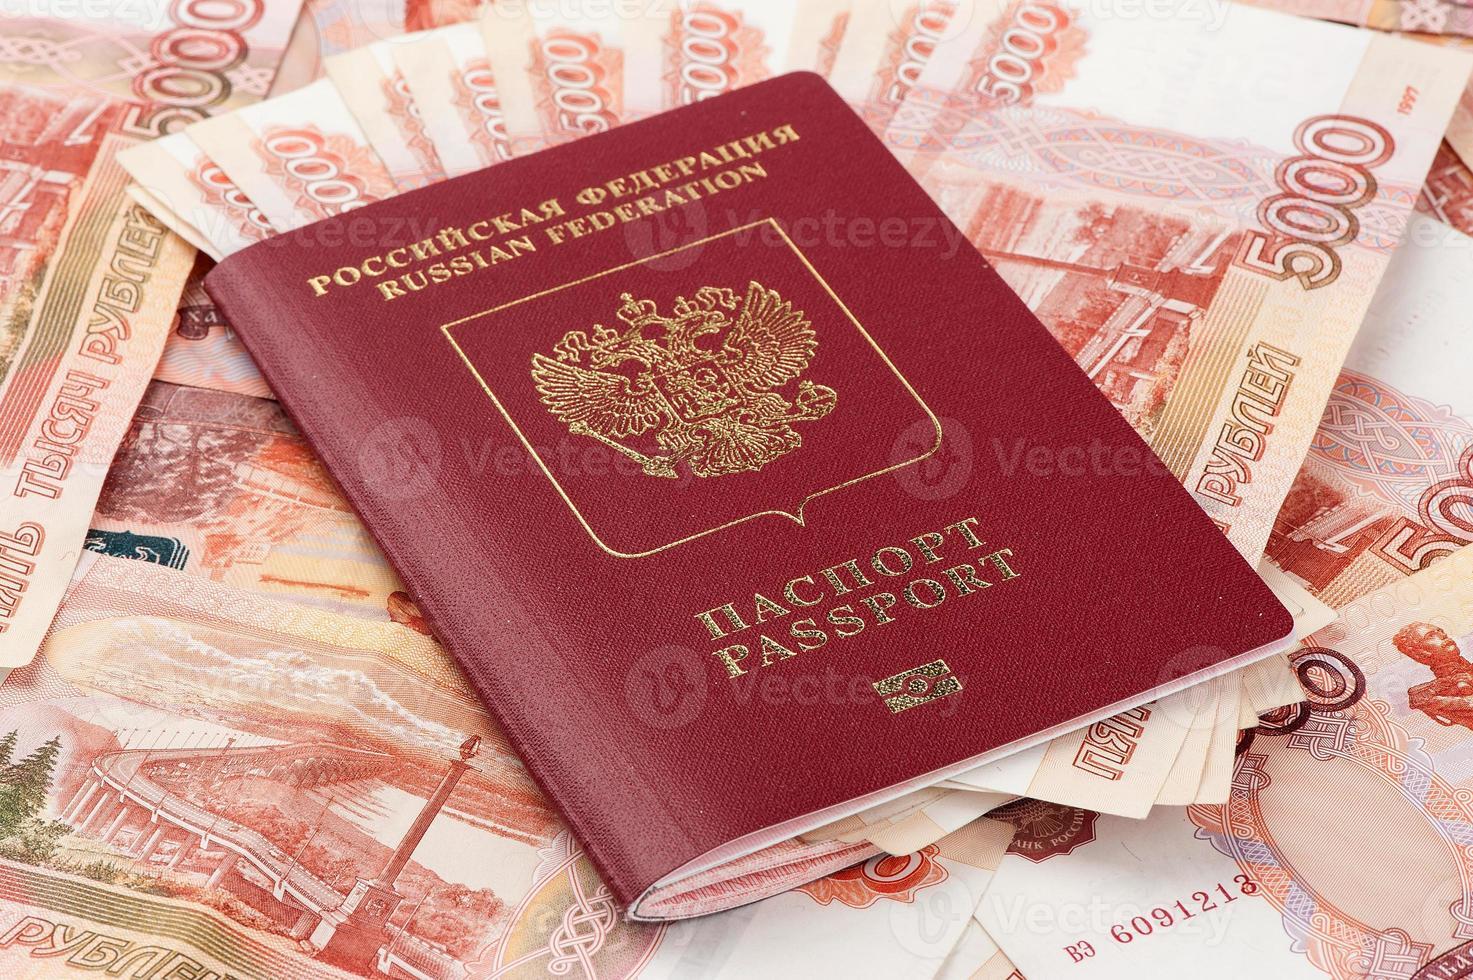 russischer Pass mit Geld foto